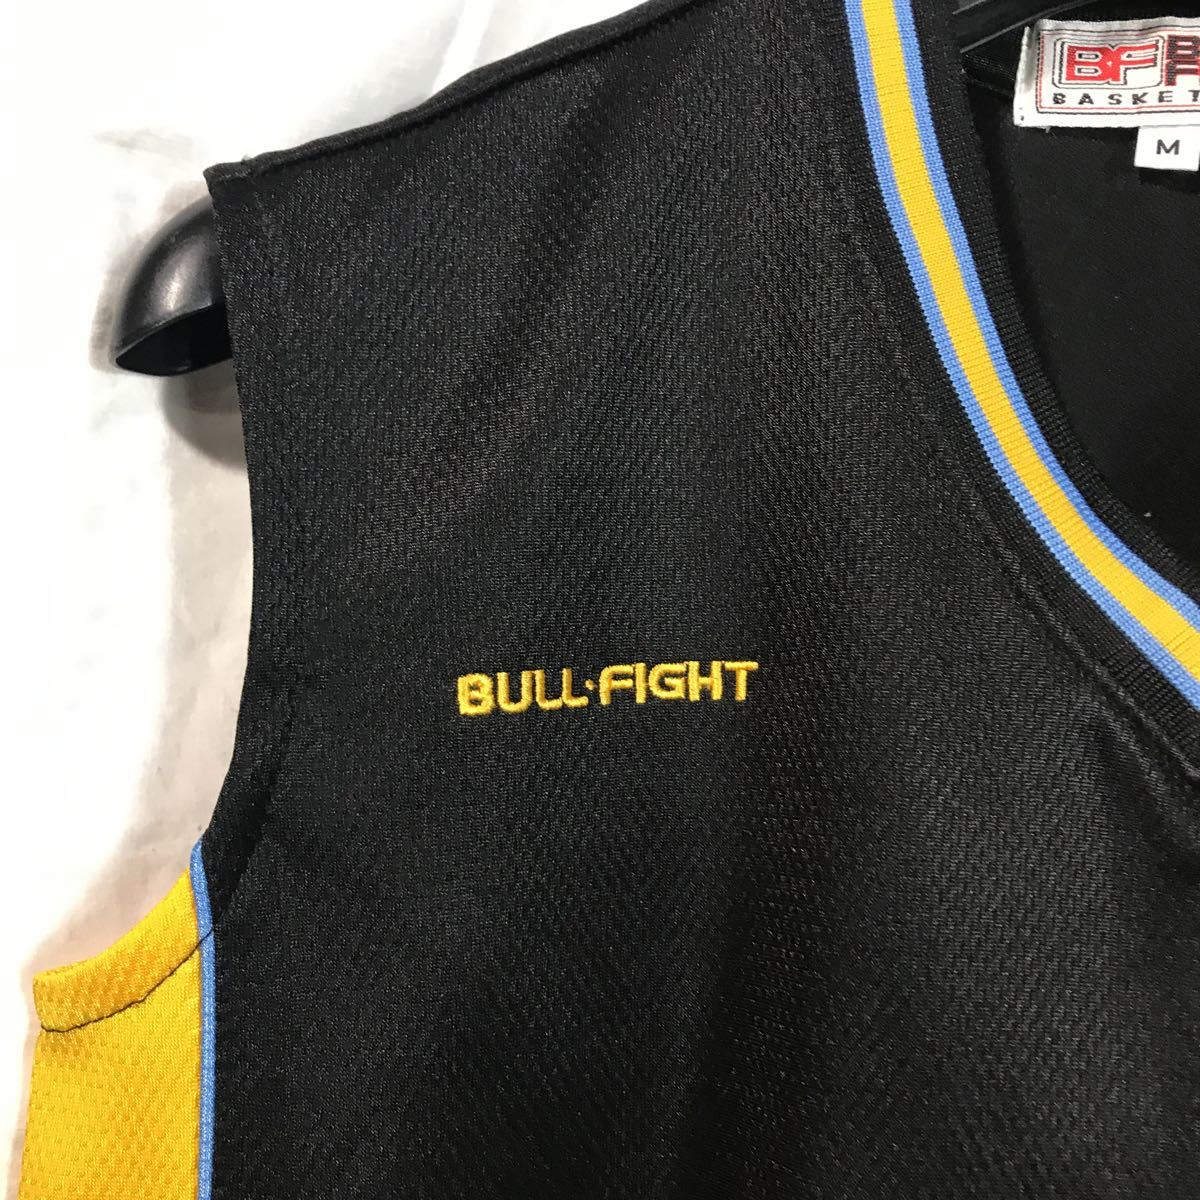 和田 女子バスケットボール部 ブルファイトbull fight #20 黒 ブラック バスケユニフォーム バスケットボール 上下セット Mサイズ_画像3